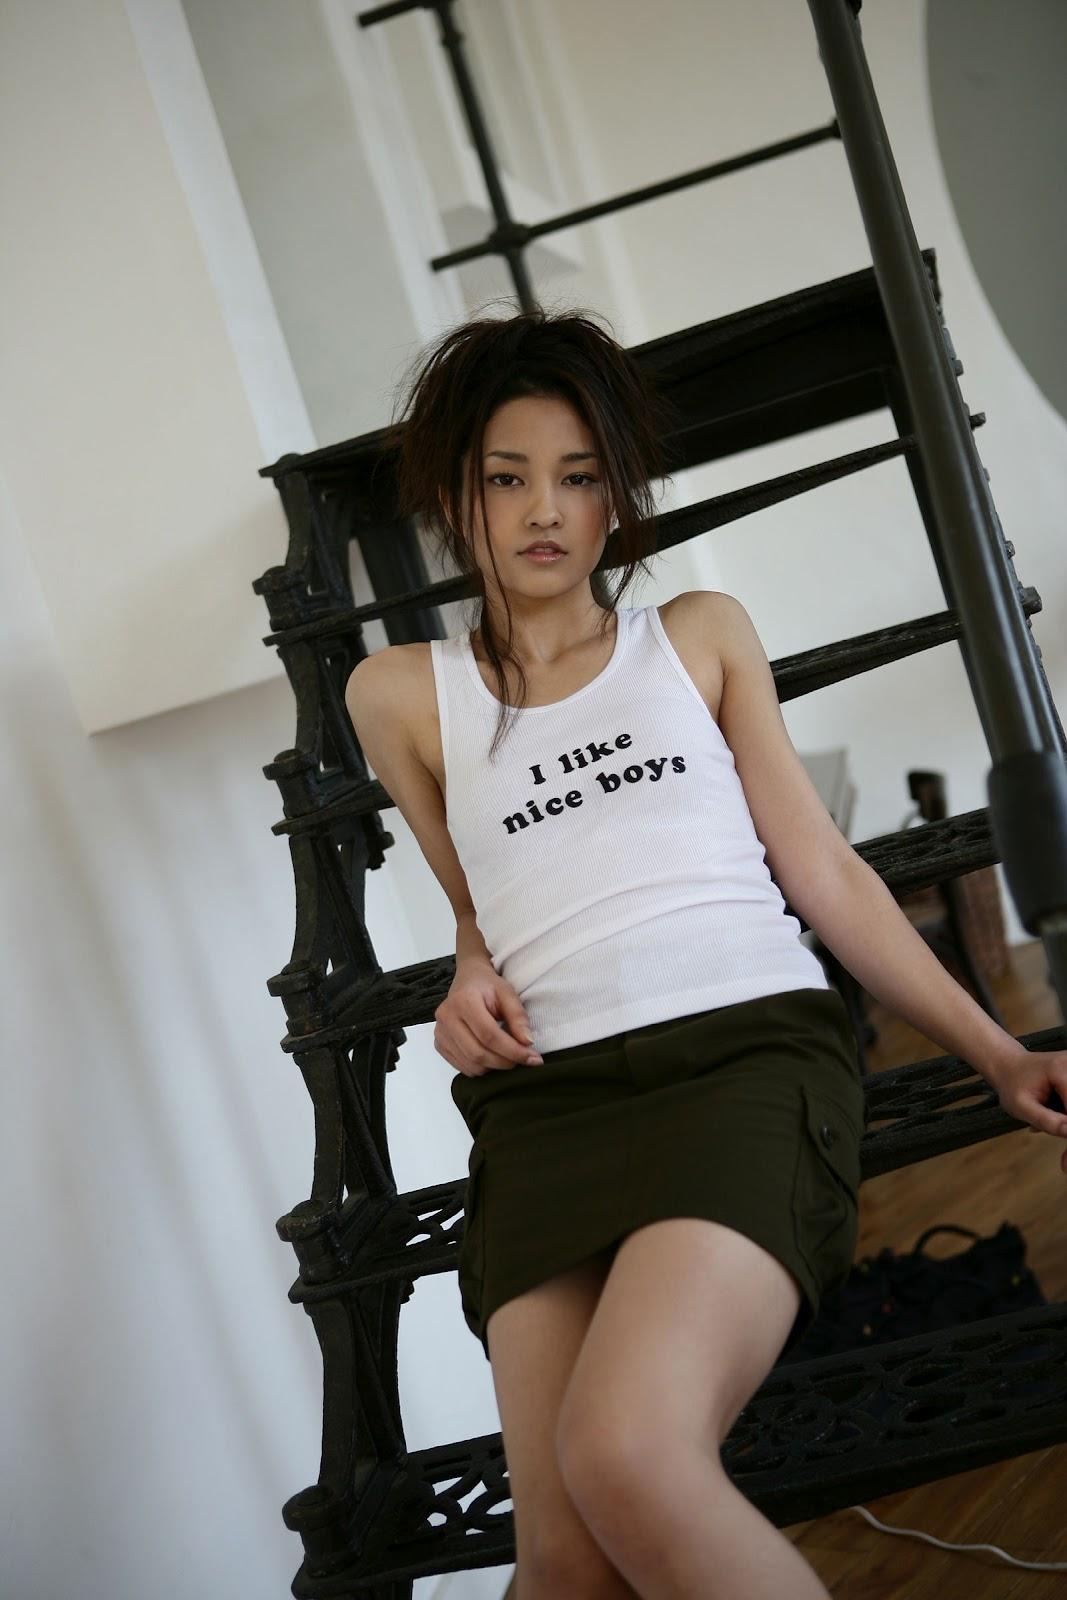 Asian Women Fashion